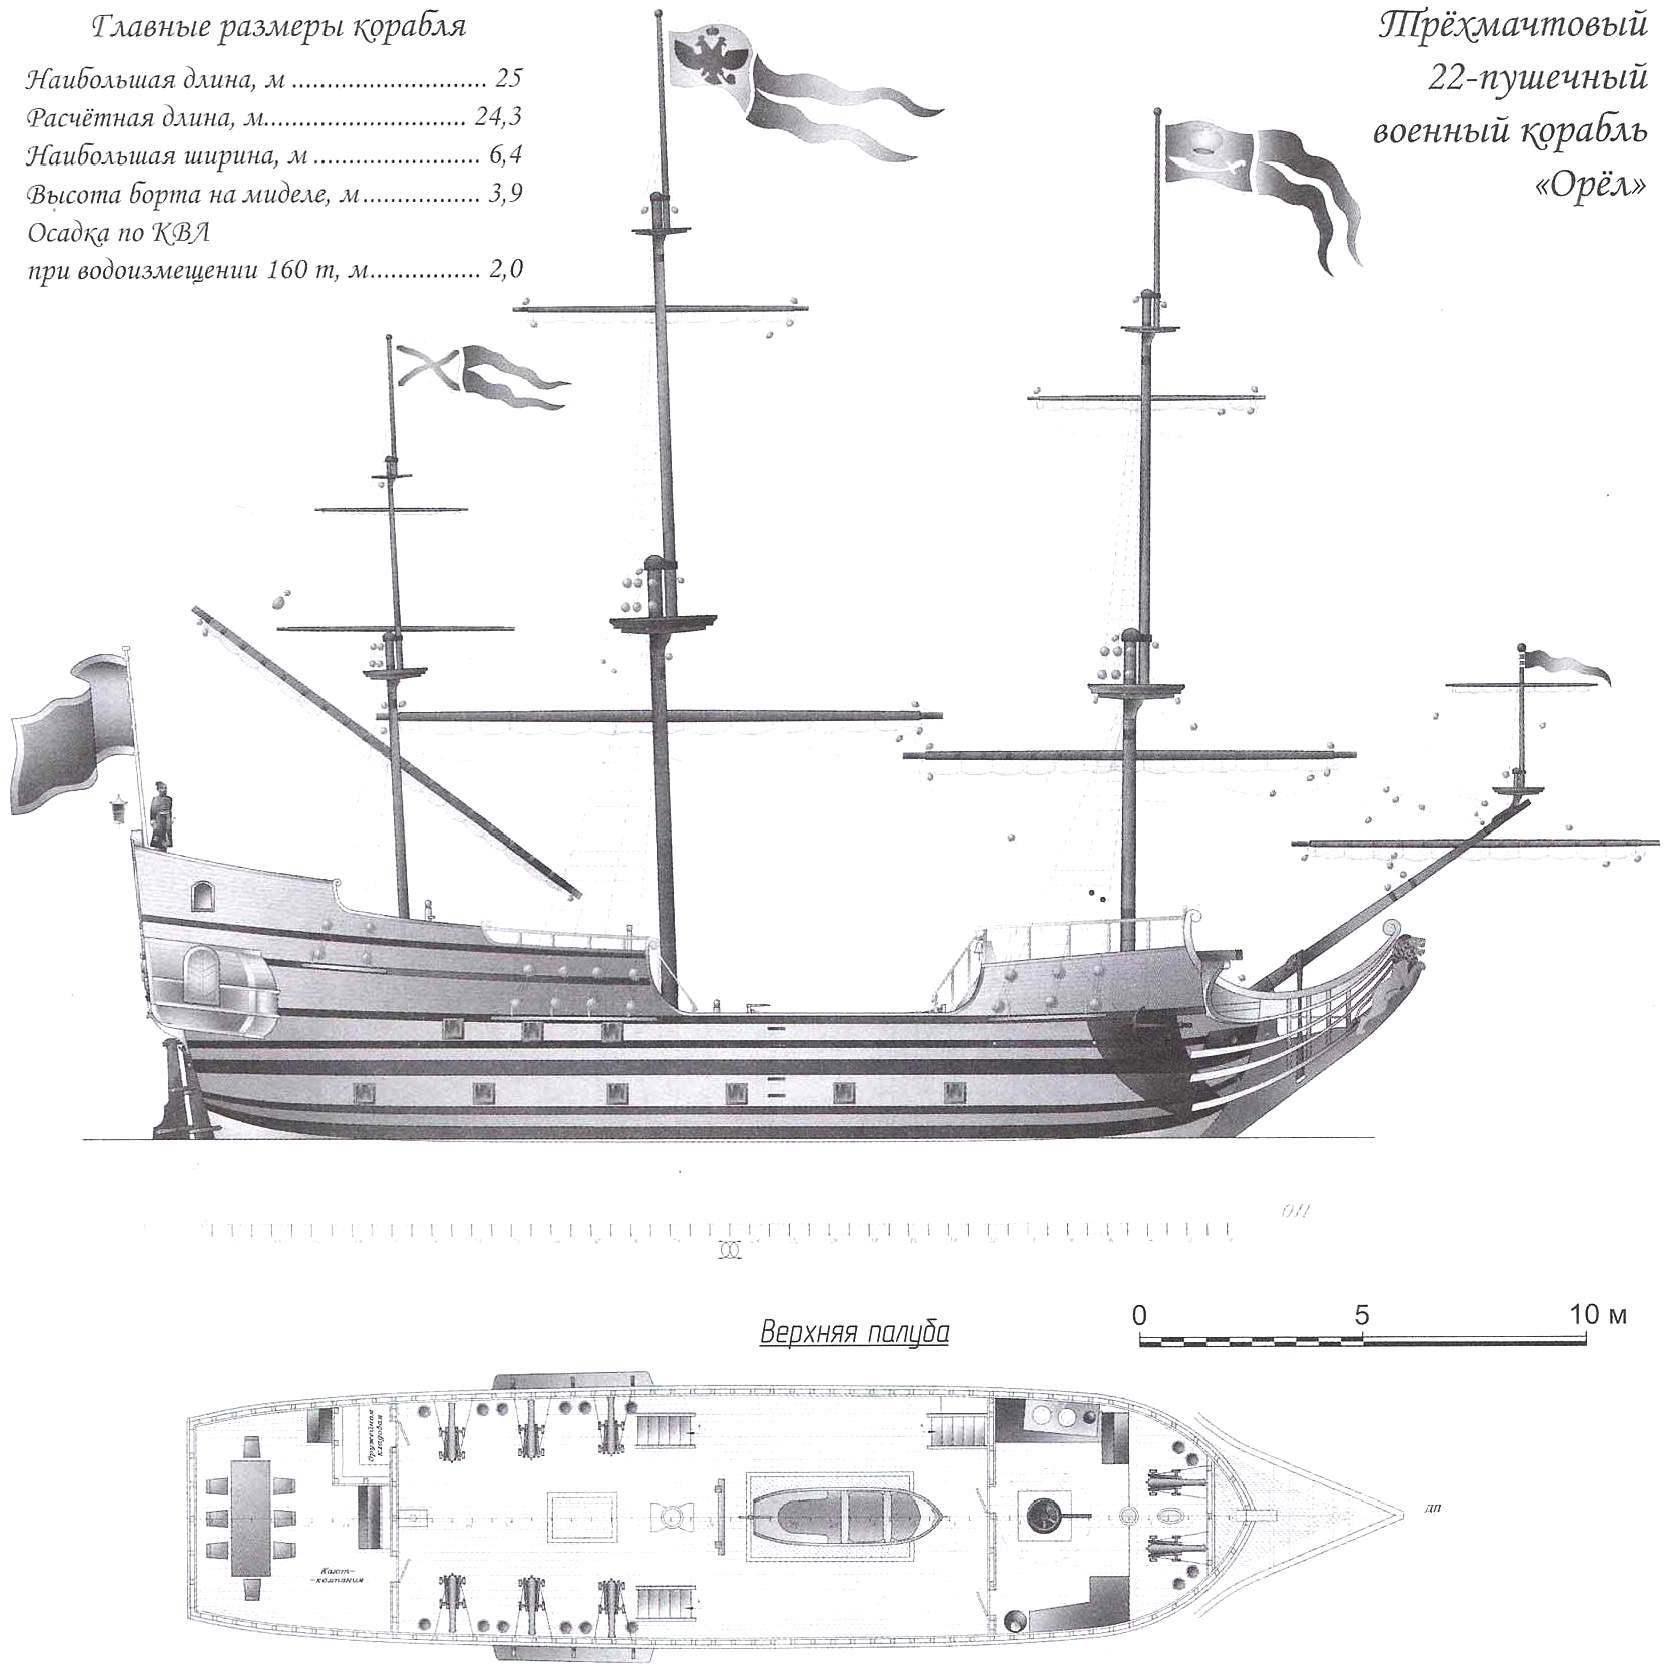 Трёхмачтовый 22-пушечный военный корабль «Орёл»